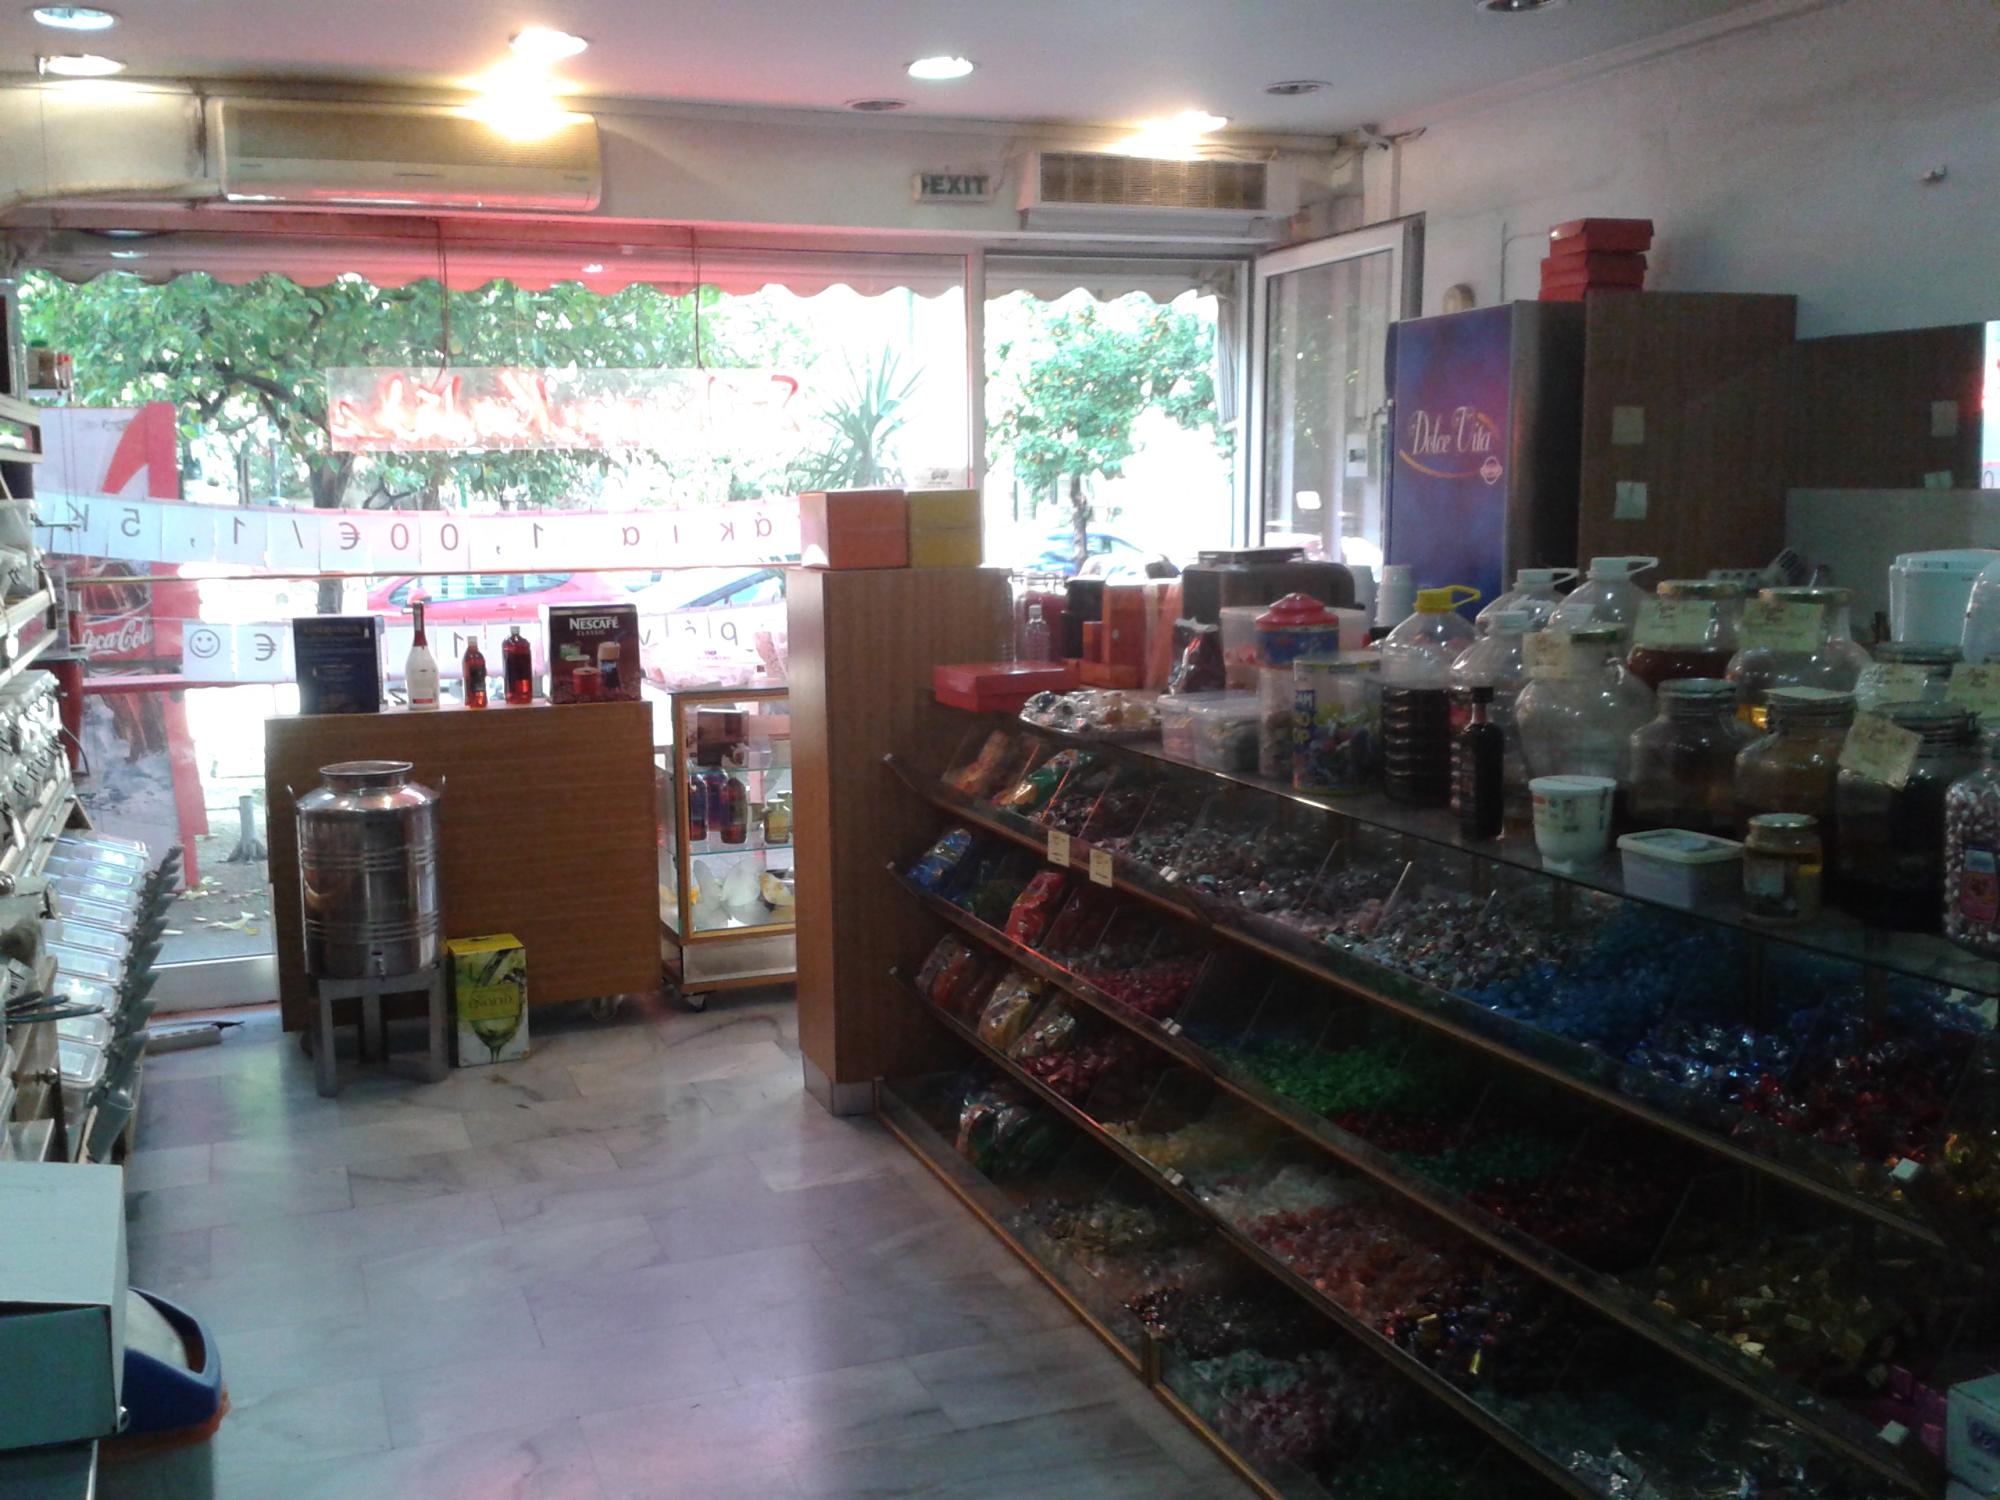 Πωλεῖται ἐπιχείρησις μὲ ἄδεια καφεκοπτείου